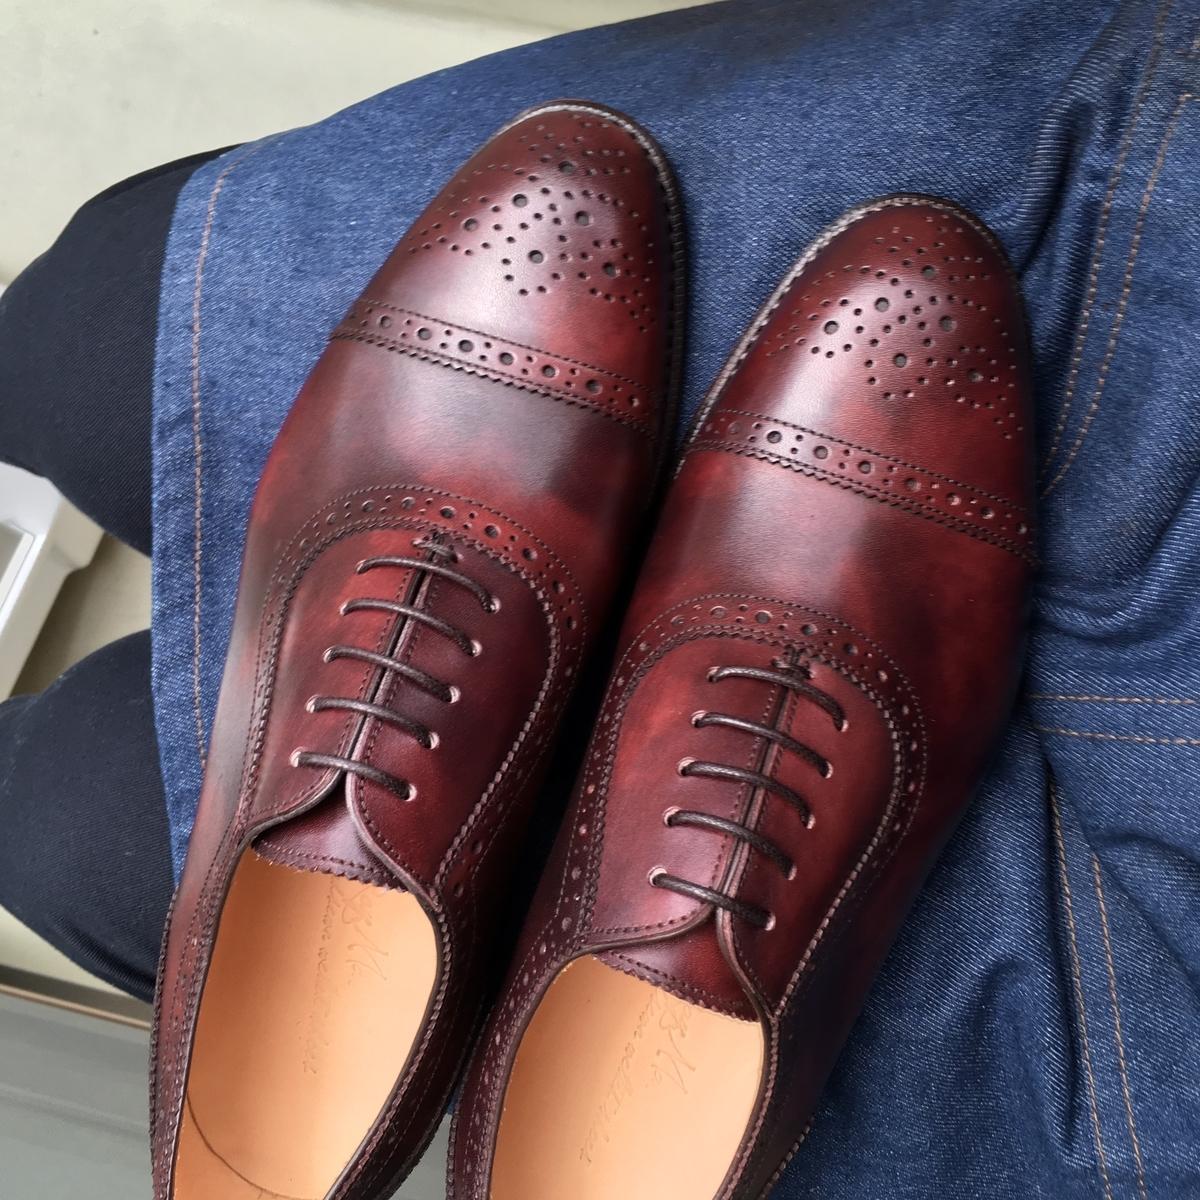 f:id:raymar-shoes:20190801230431j:plain